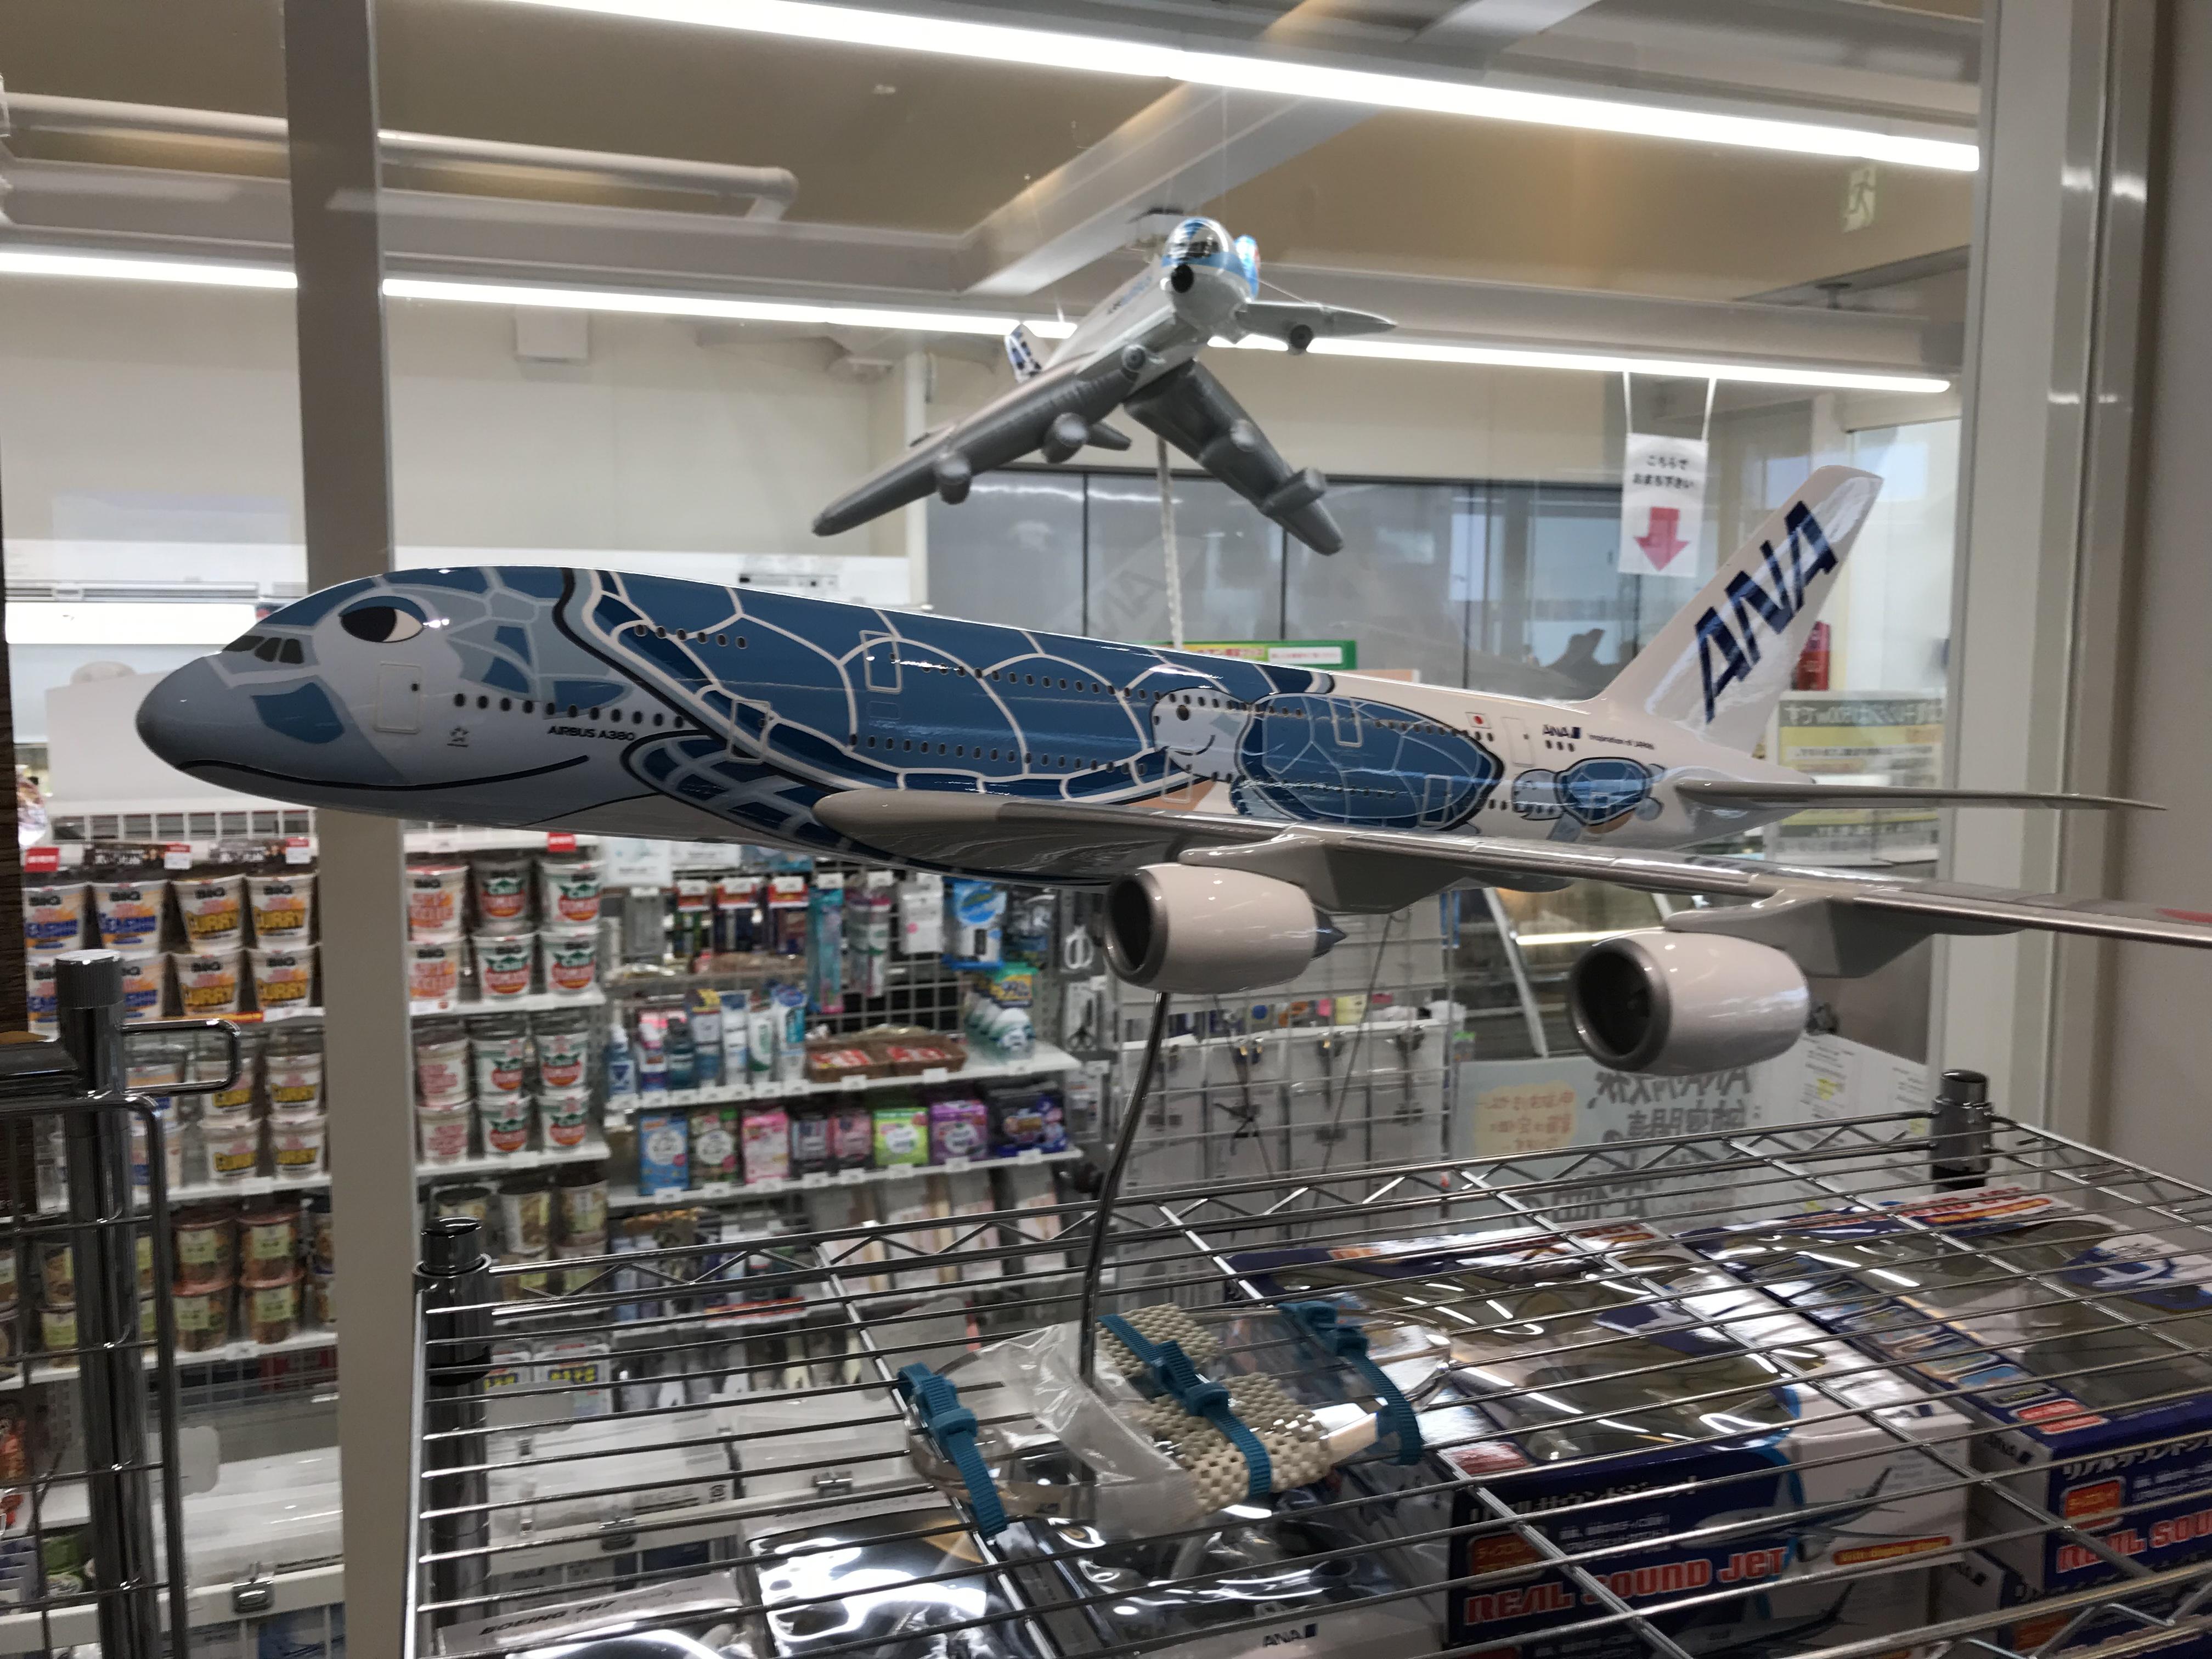 ANA機体整備工場見学おみやげが売っているセブンイレブン